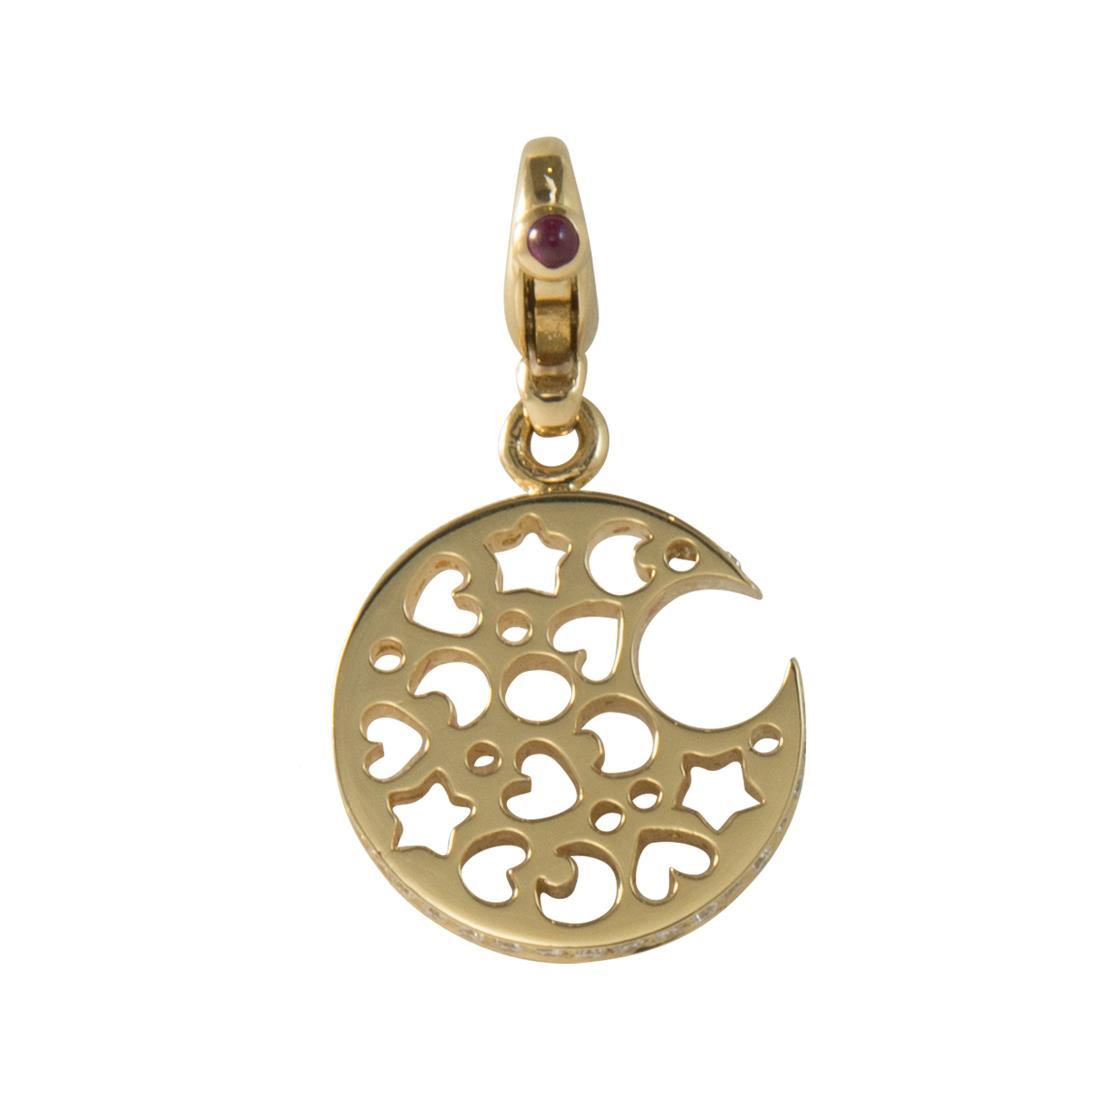 Ciondolo in oro giallo con diamanti ct 0.34 e rubini ct 0.06 - PASQUALE BRUNI